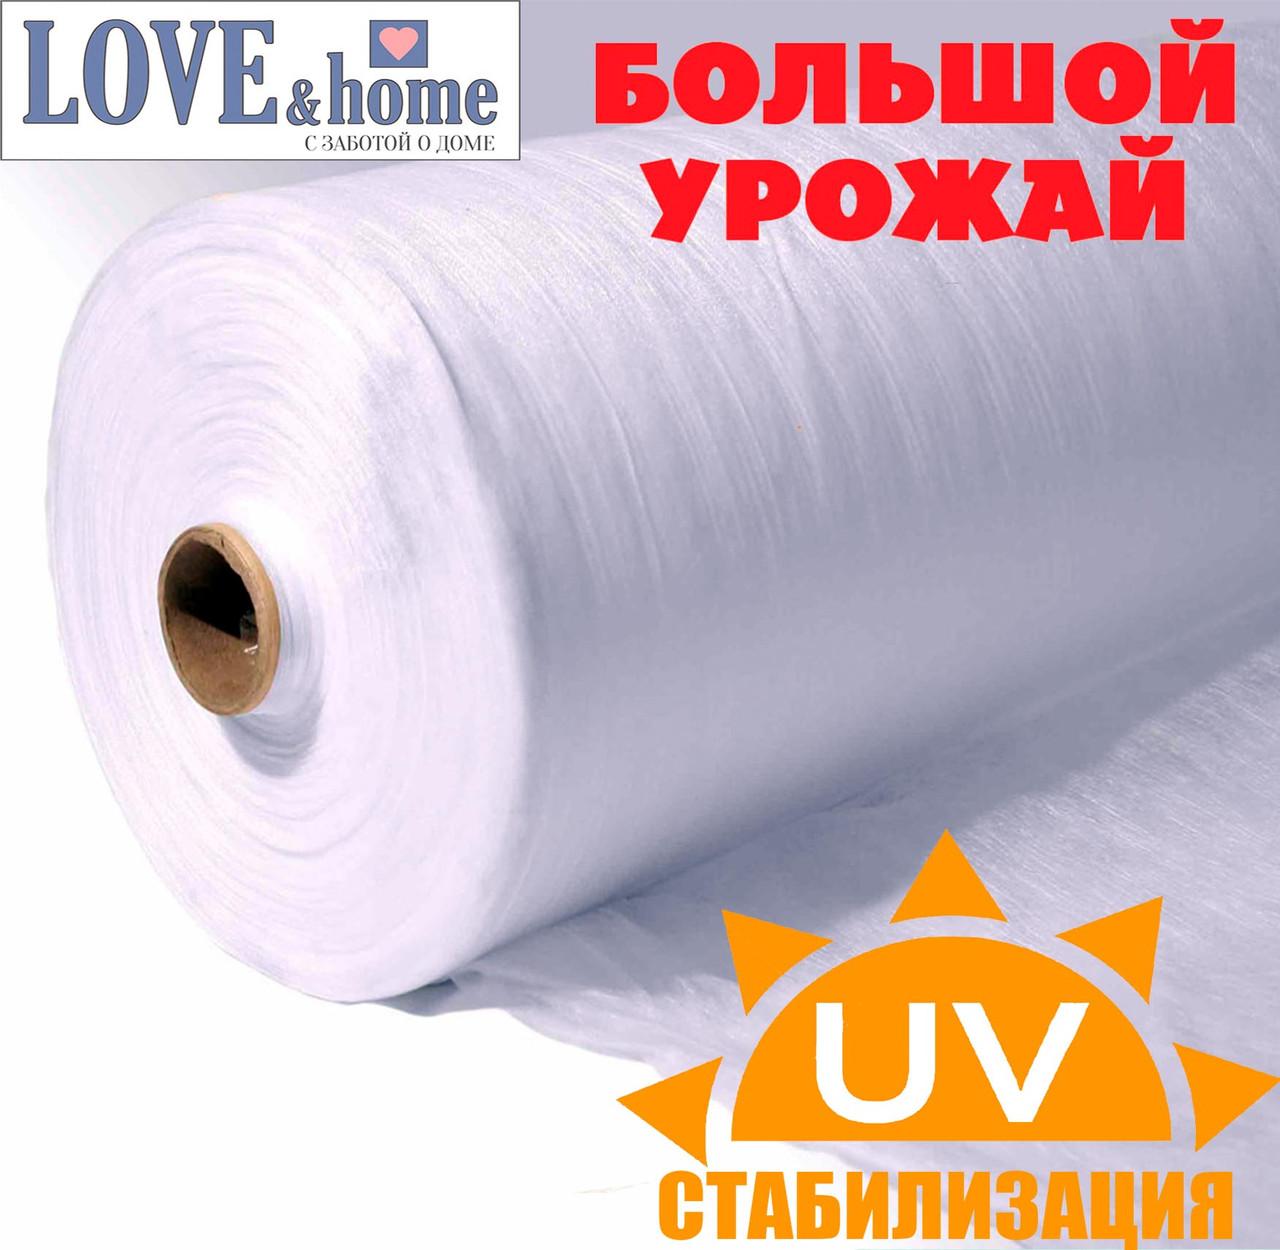 Агроволокно белое, плотность 23г/м². ширина 1.6 м. длинна 100м.